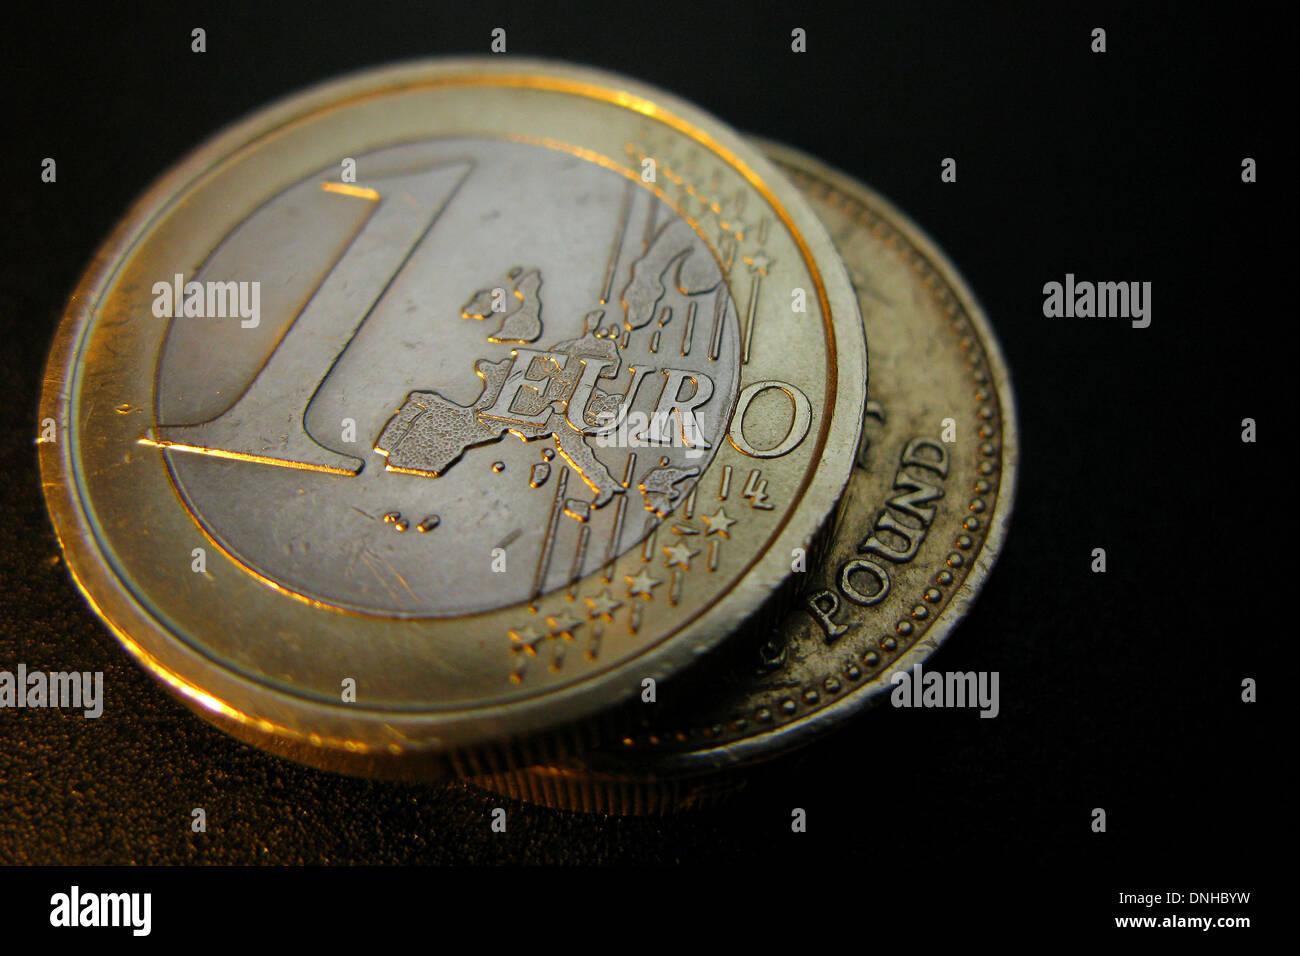 Ein Bild Zeigt Eine 1 Euro Münze Und Eine 1 Pfund Münze Stockfoto